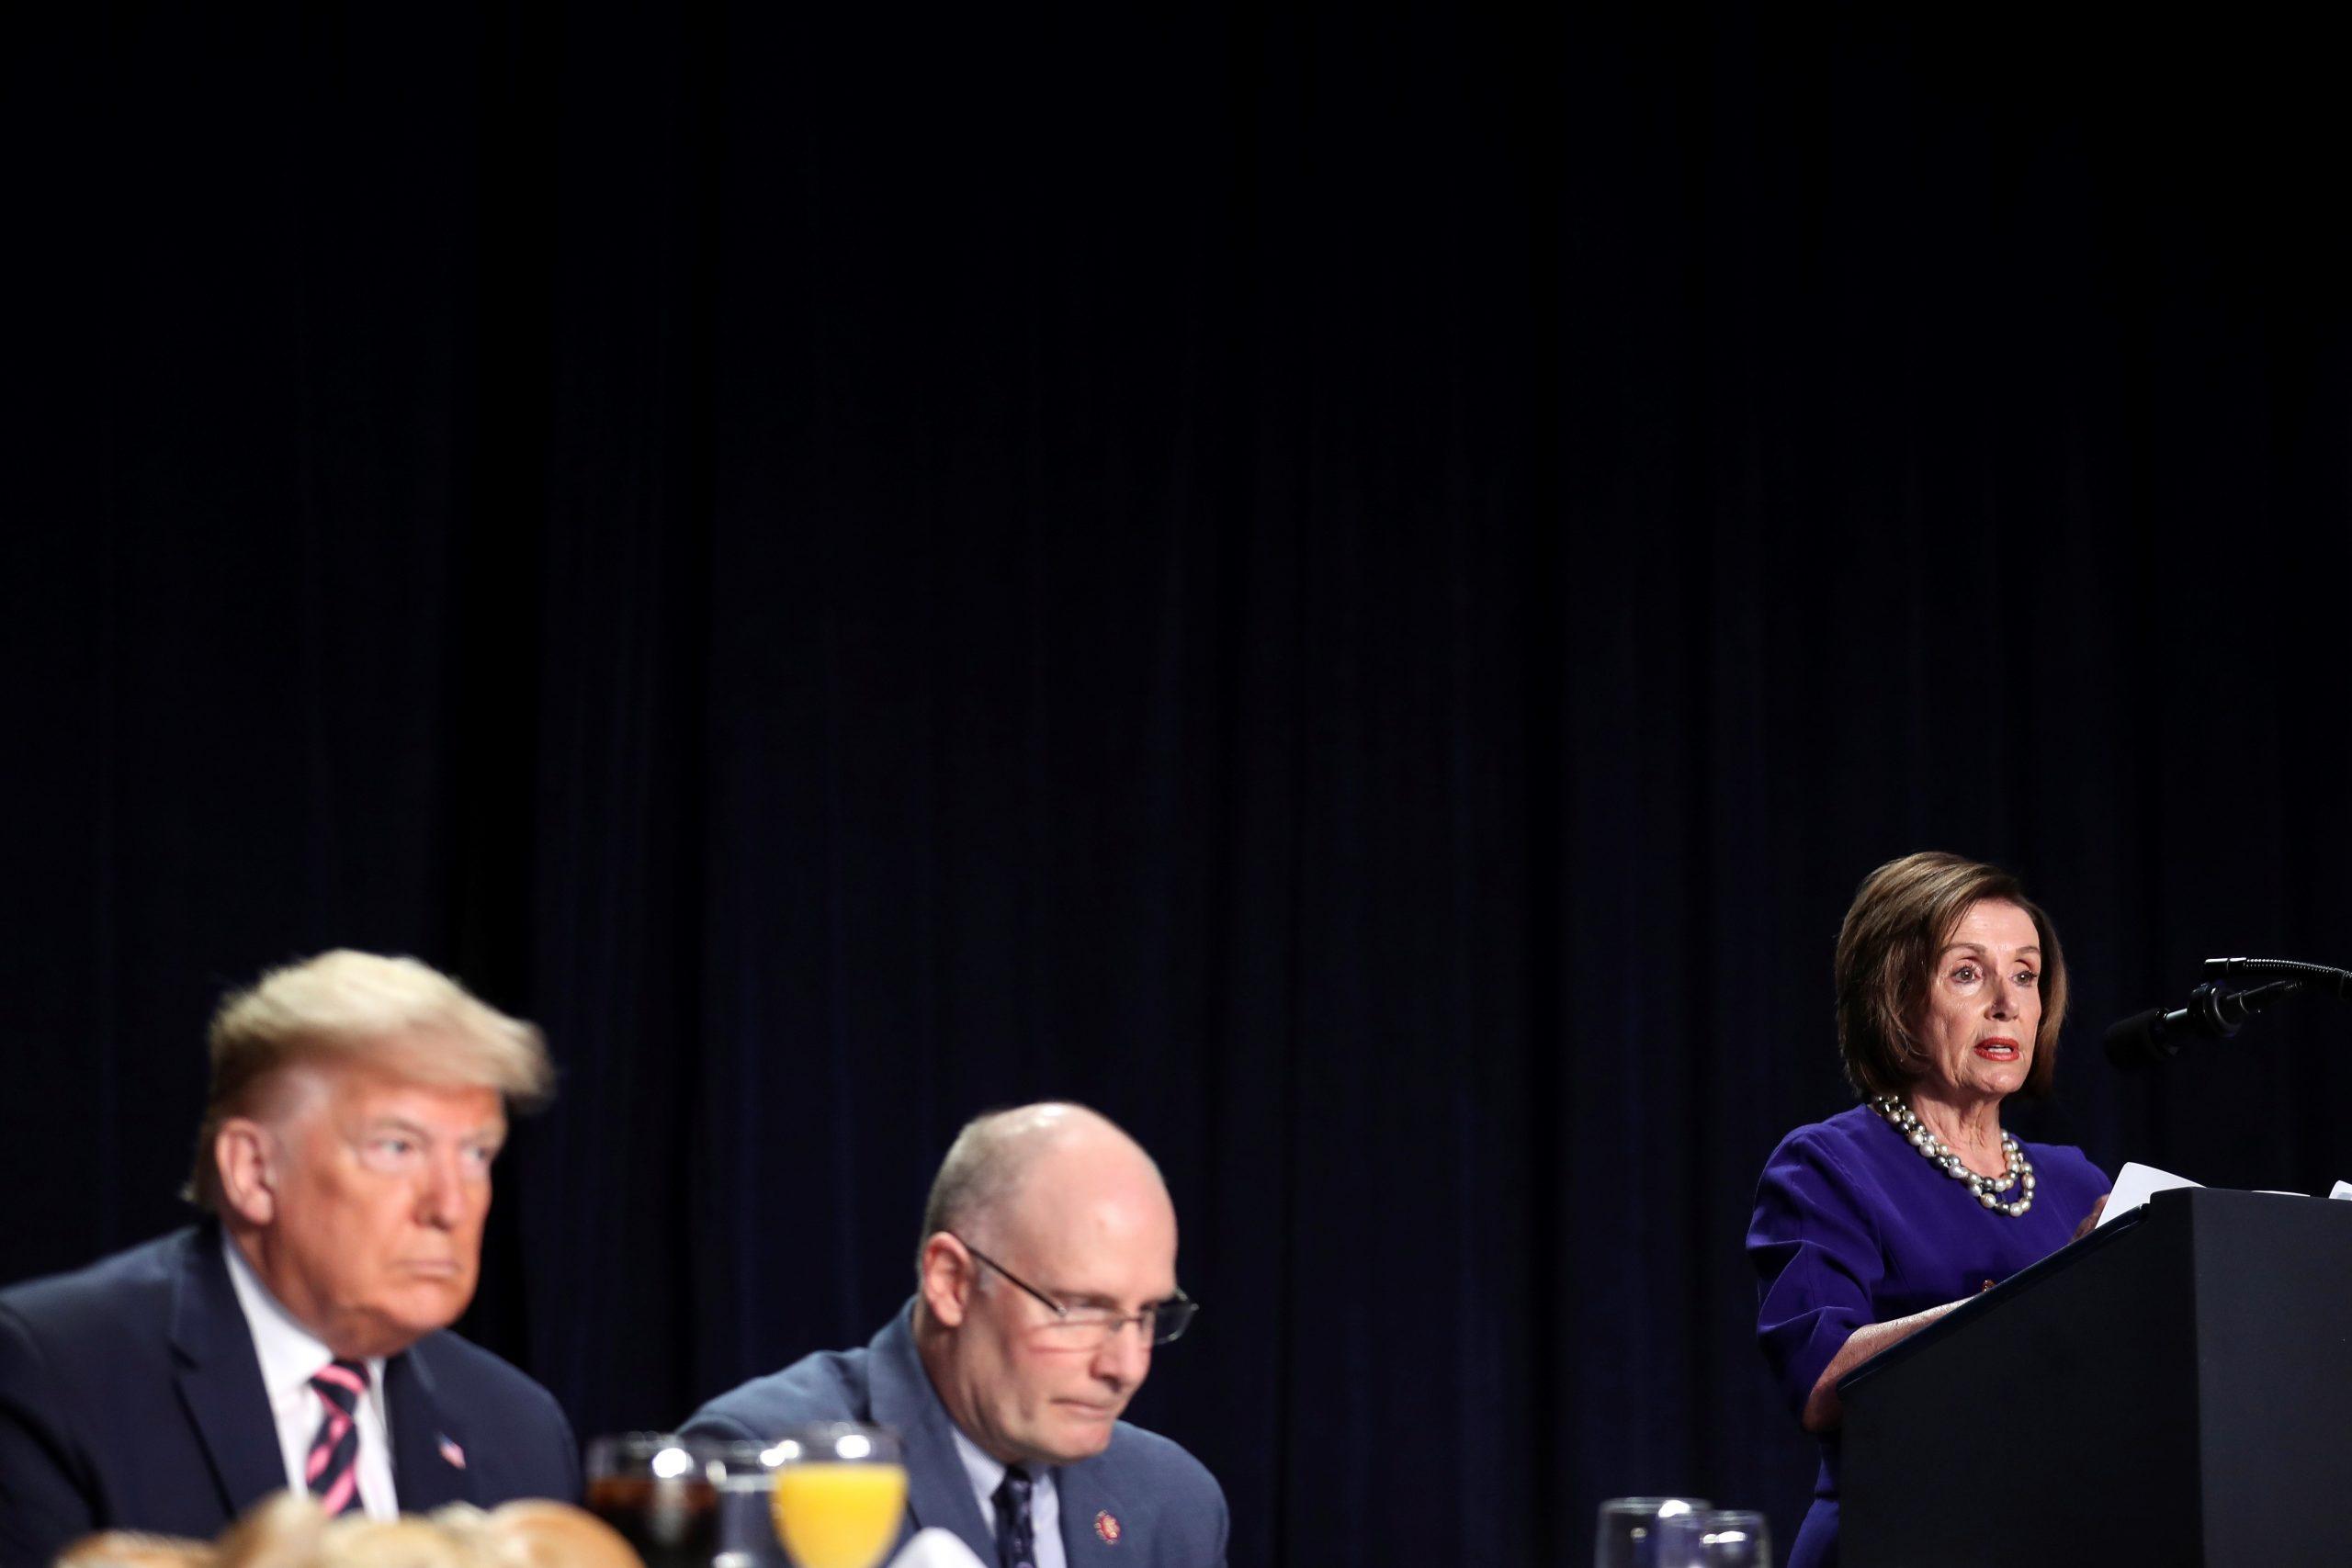 Donald J. Trump escucha a la presidenta de la Cámara de Representantes, Nancy Pelosi, durante el 68º Desayuno Anual de Oración Nacional en Washington, DC, EE. UU. Foto de EFE/EPA/Oliver Contreras.